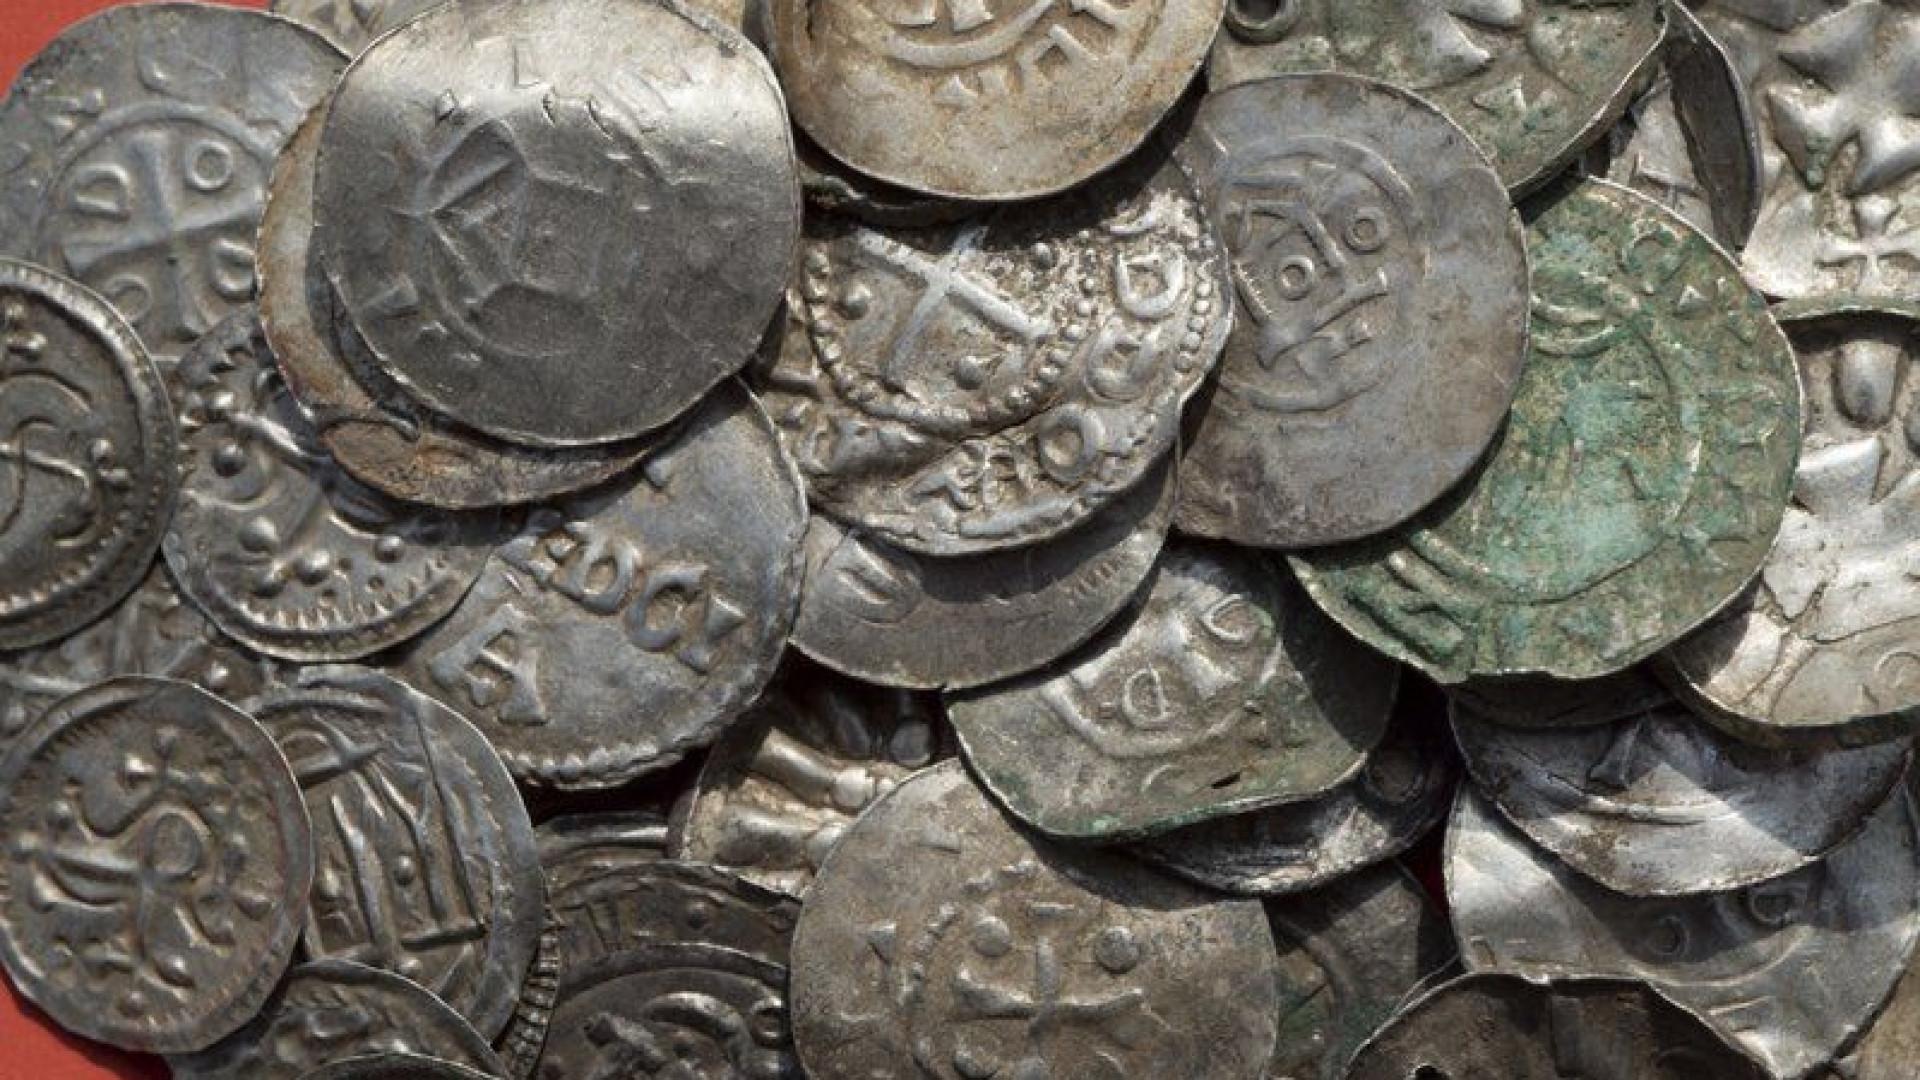 Descoberta feita por arqueólogos amadores conduz a tesouro de prata